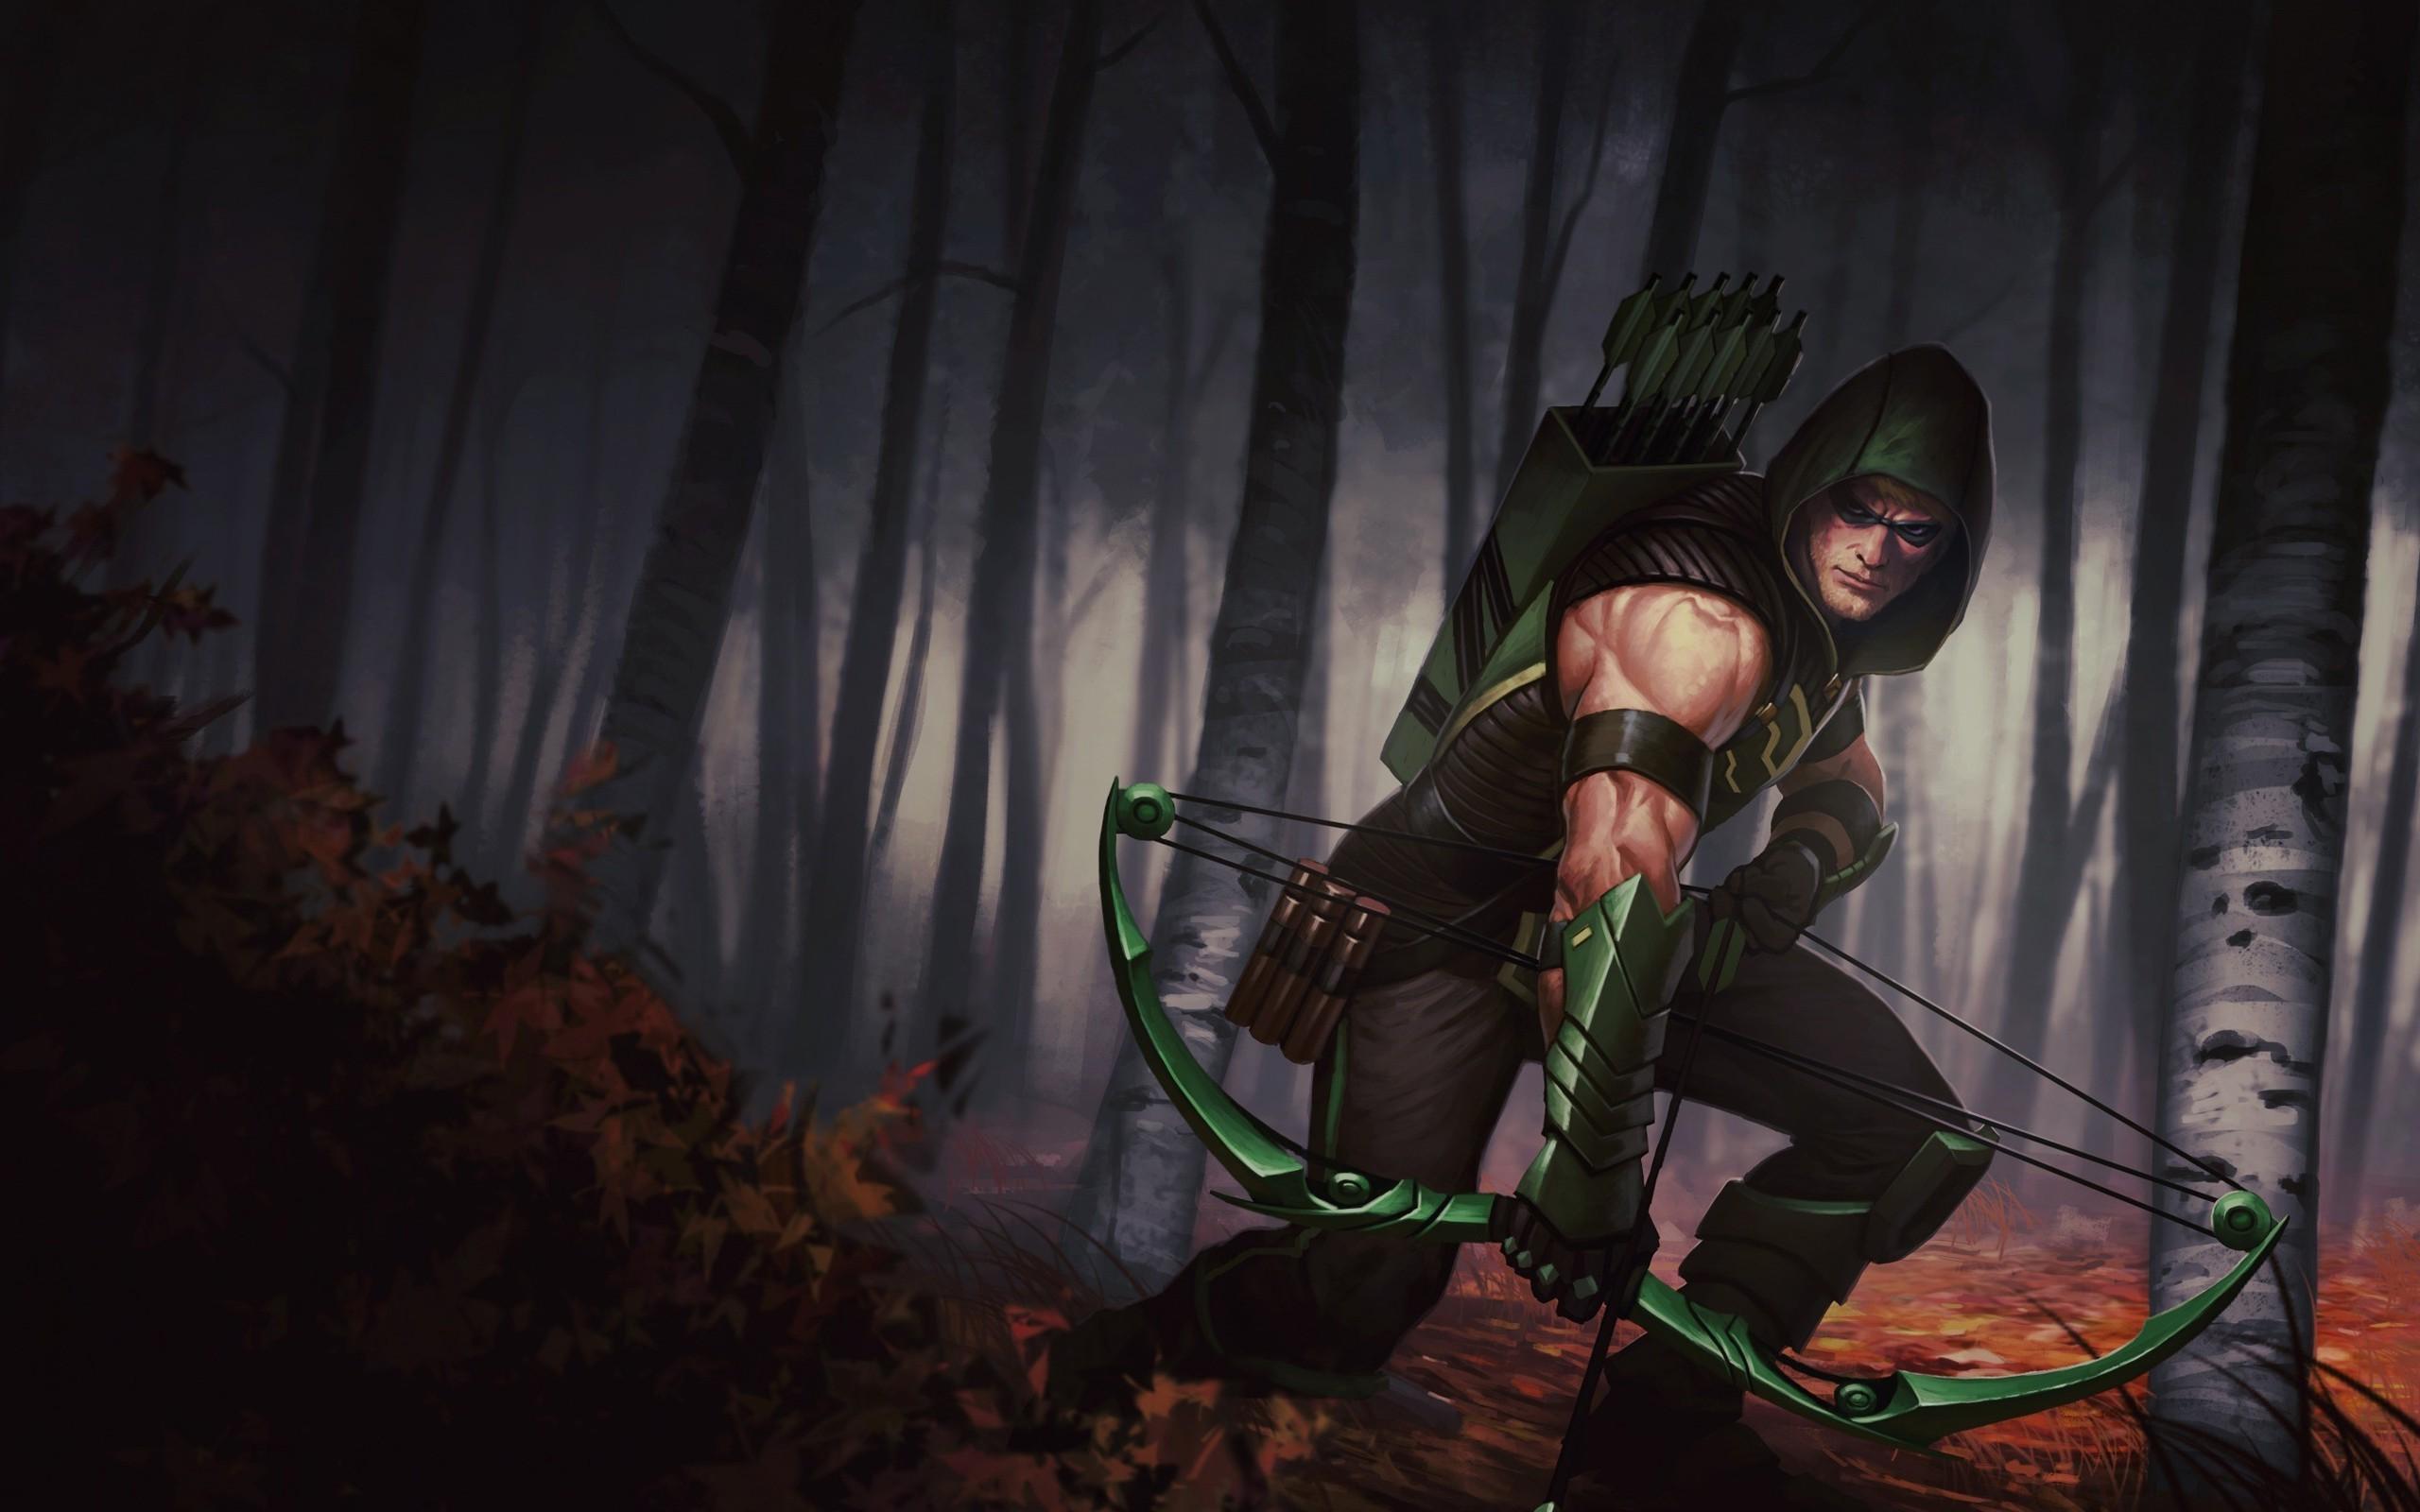 … arrow wallpaper hdwallpaper20 com; green arrow ilration comics dc  comics oliver queen …